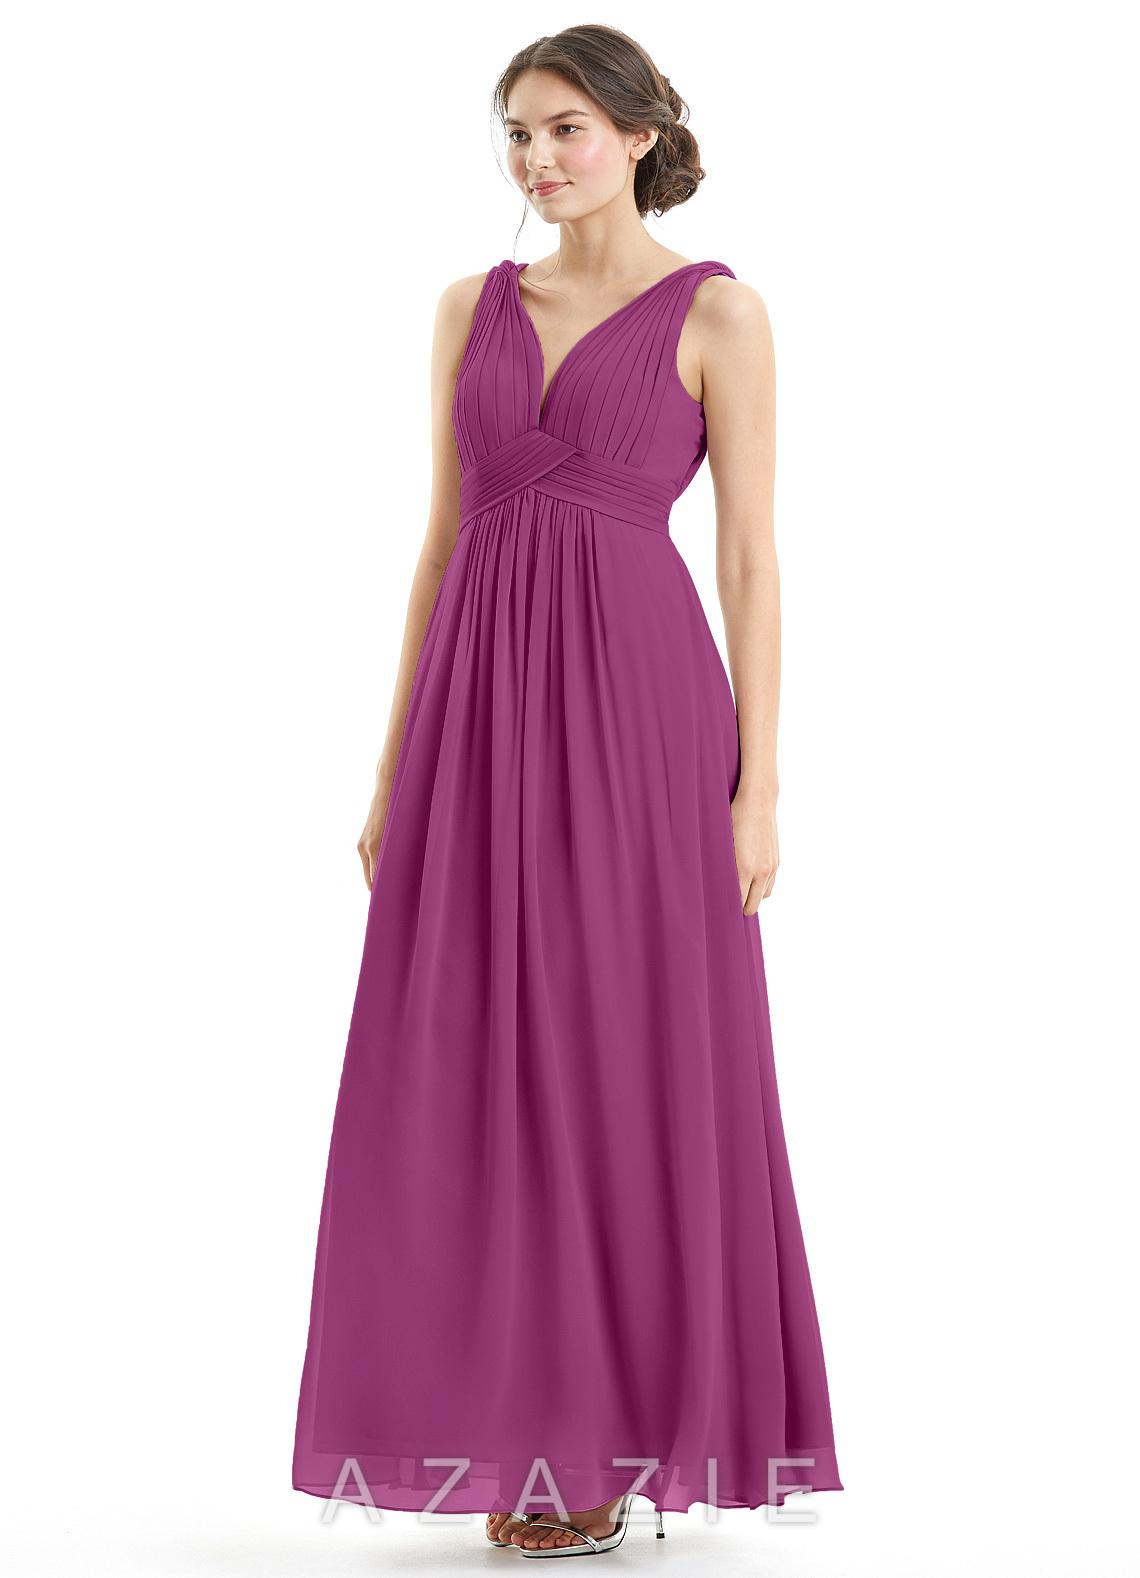 Perfecto Bhs Vestidos De Dama Adolescentes Ideas Ornamento ...